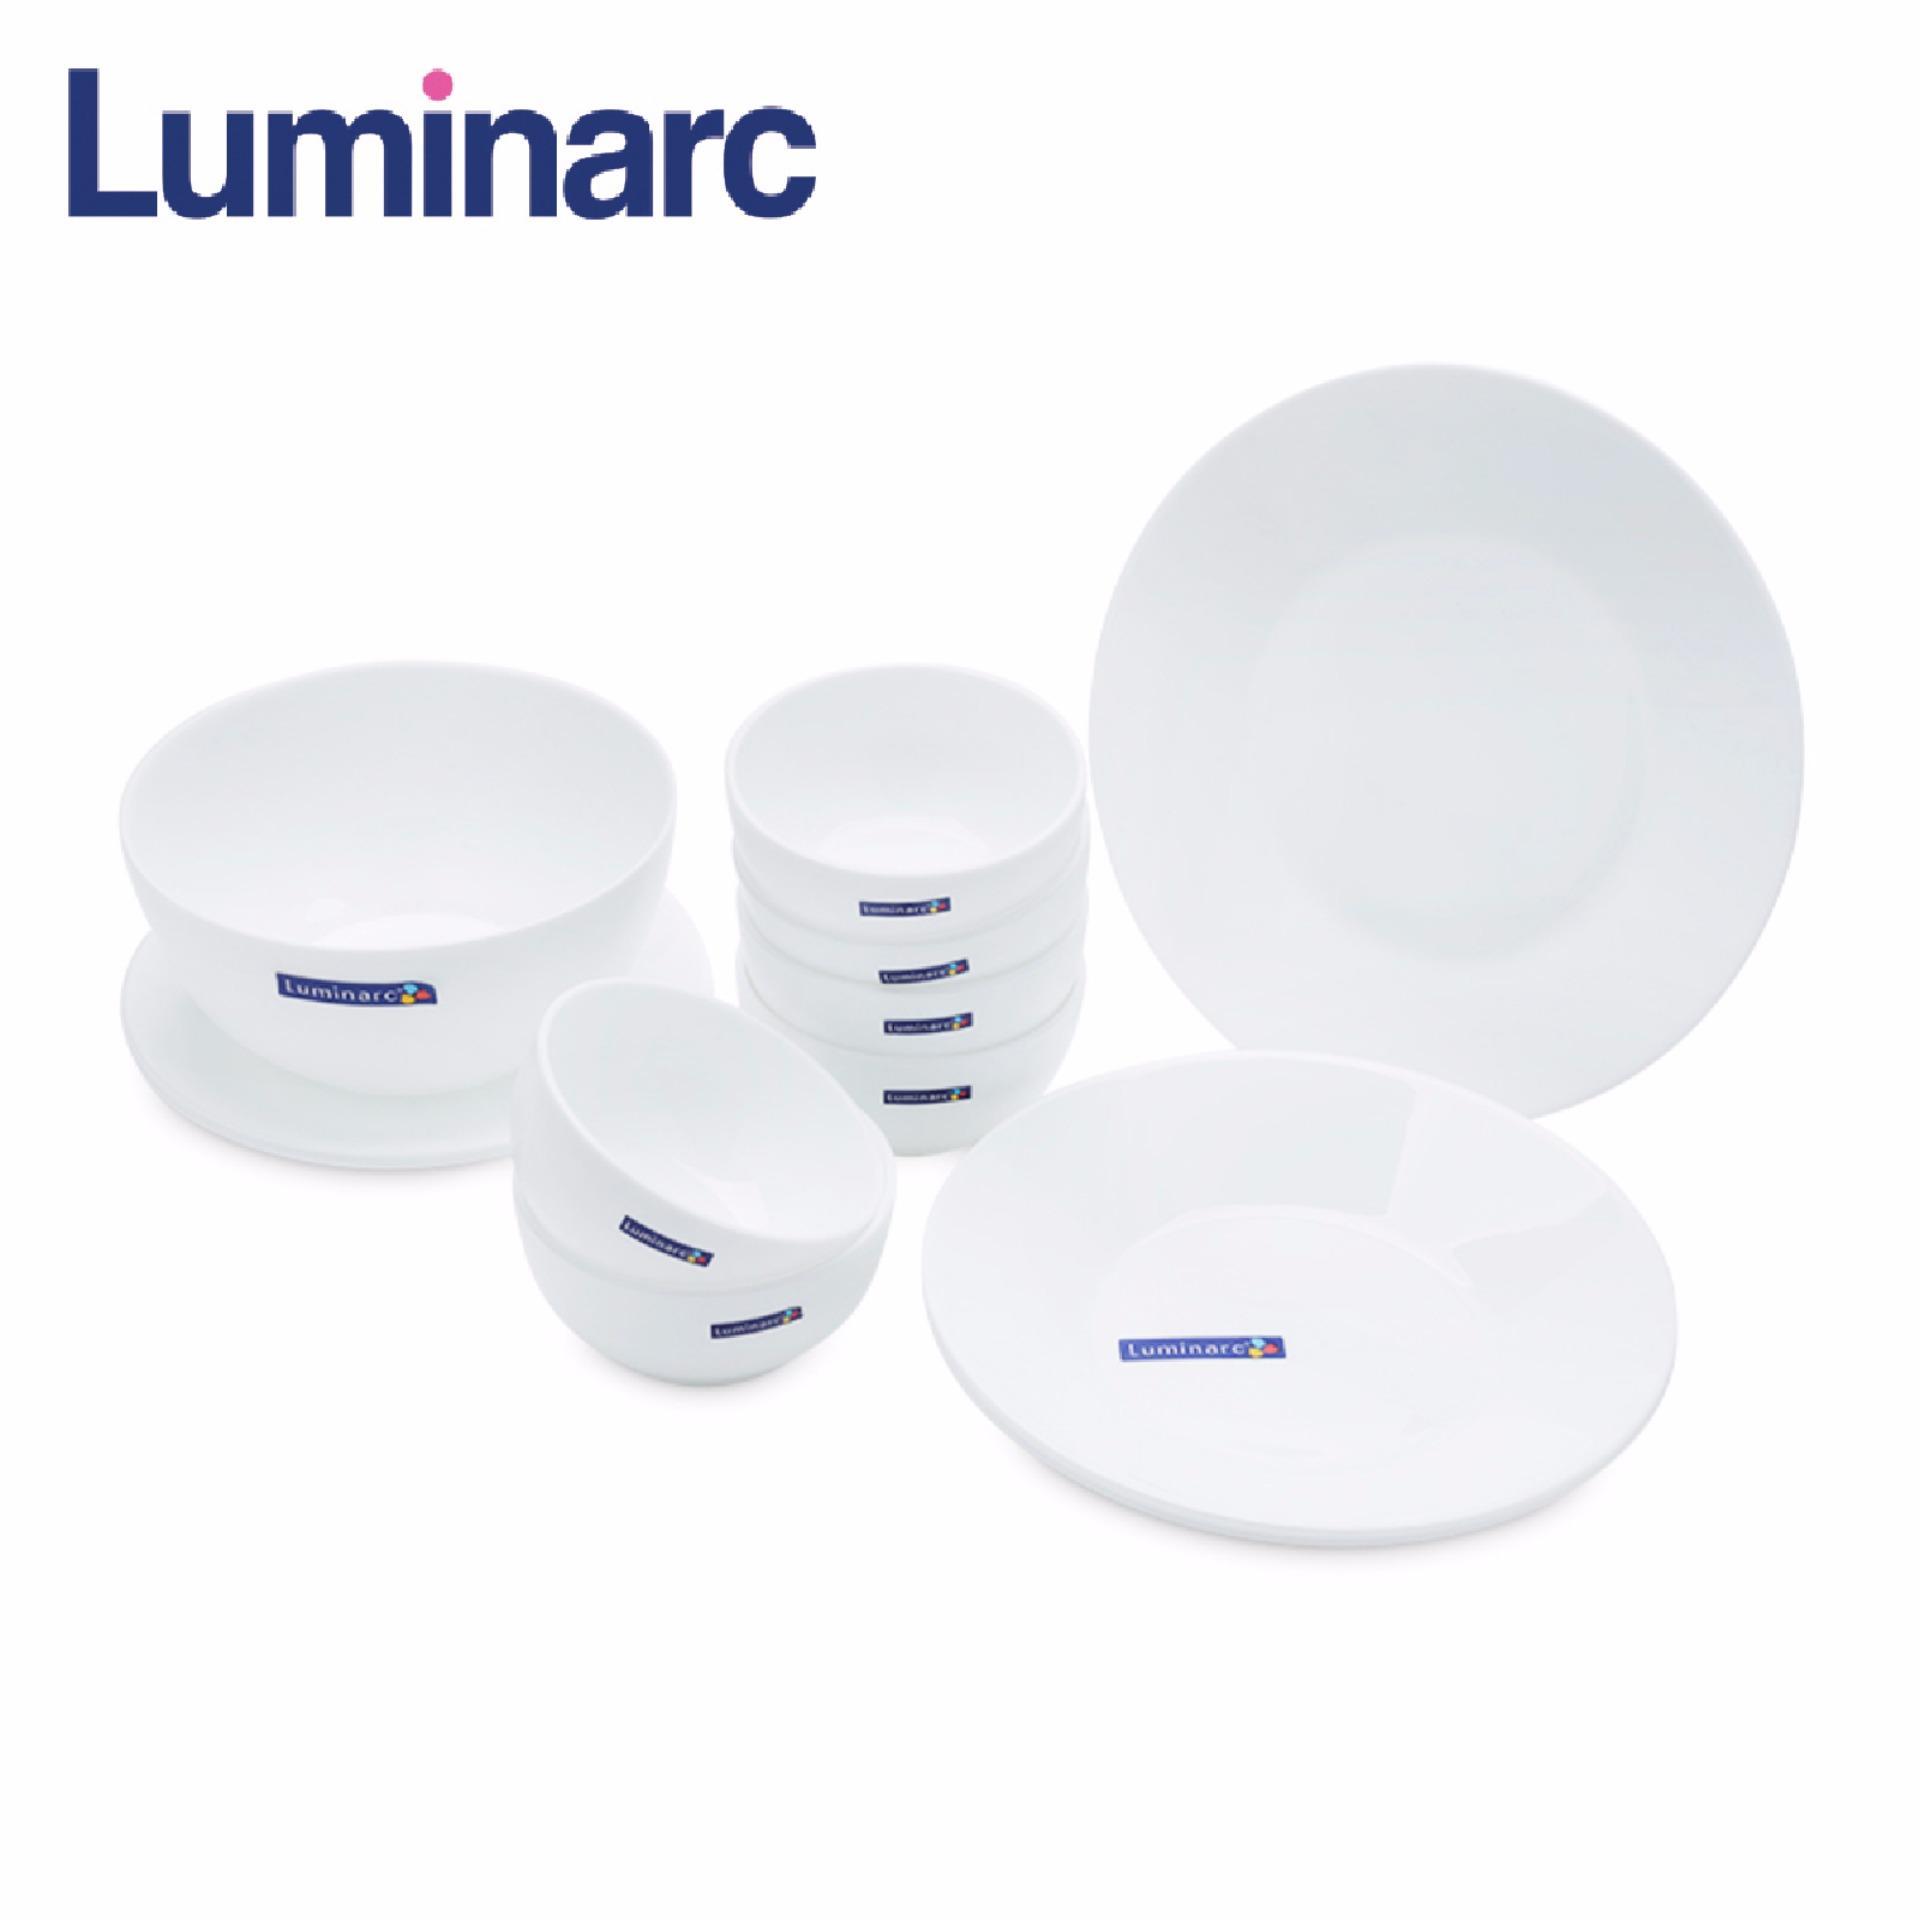 Bộ 12 món đồ dùng chén dĩa thủy tinh Luminarc White Essence J4852